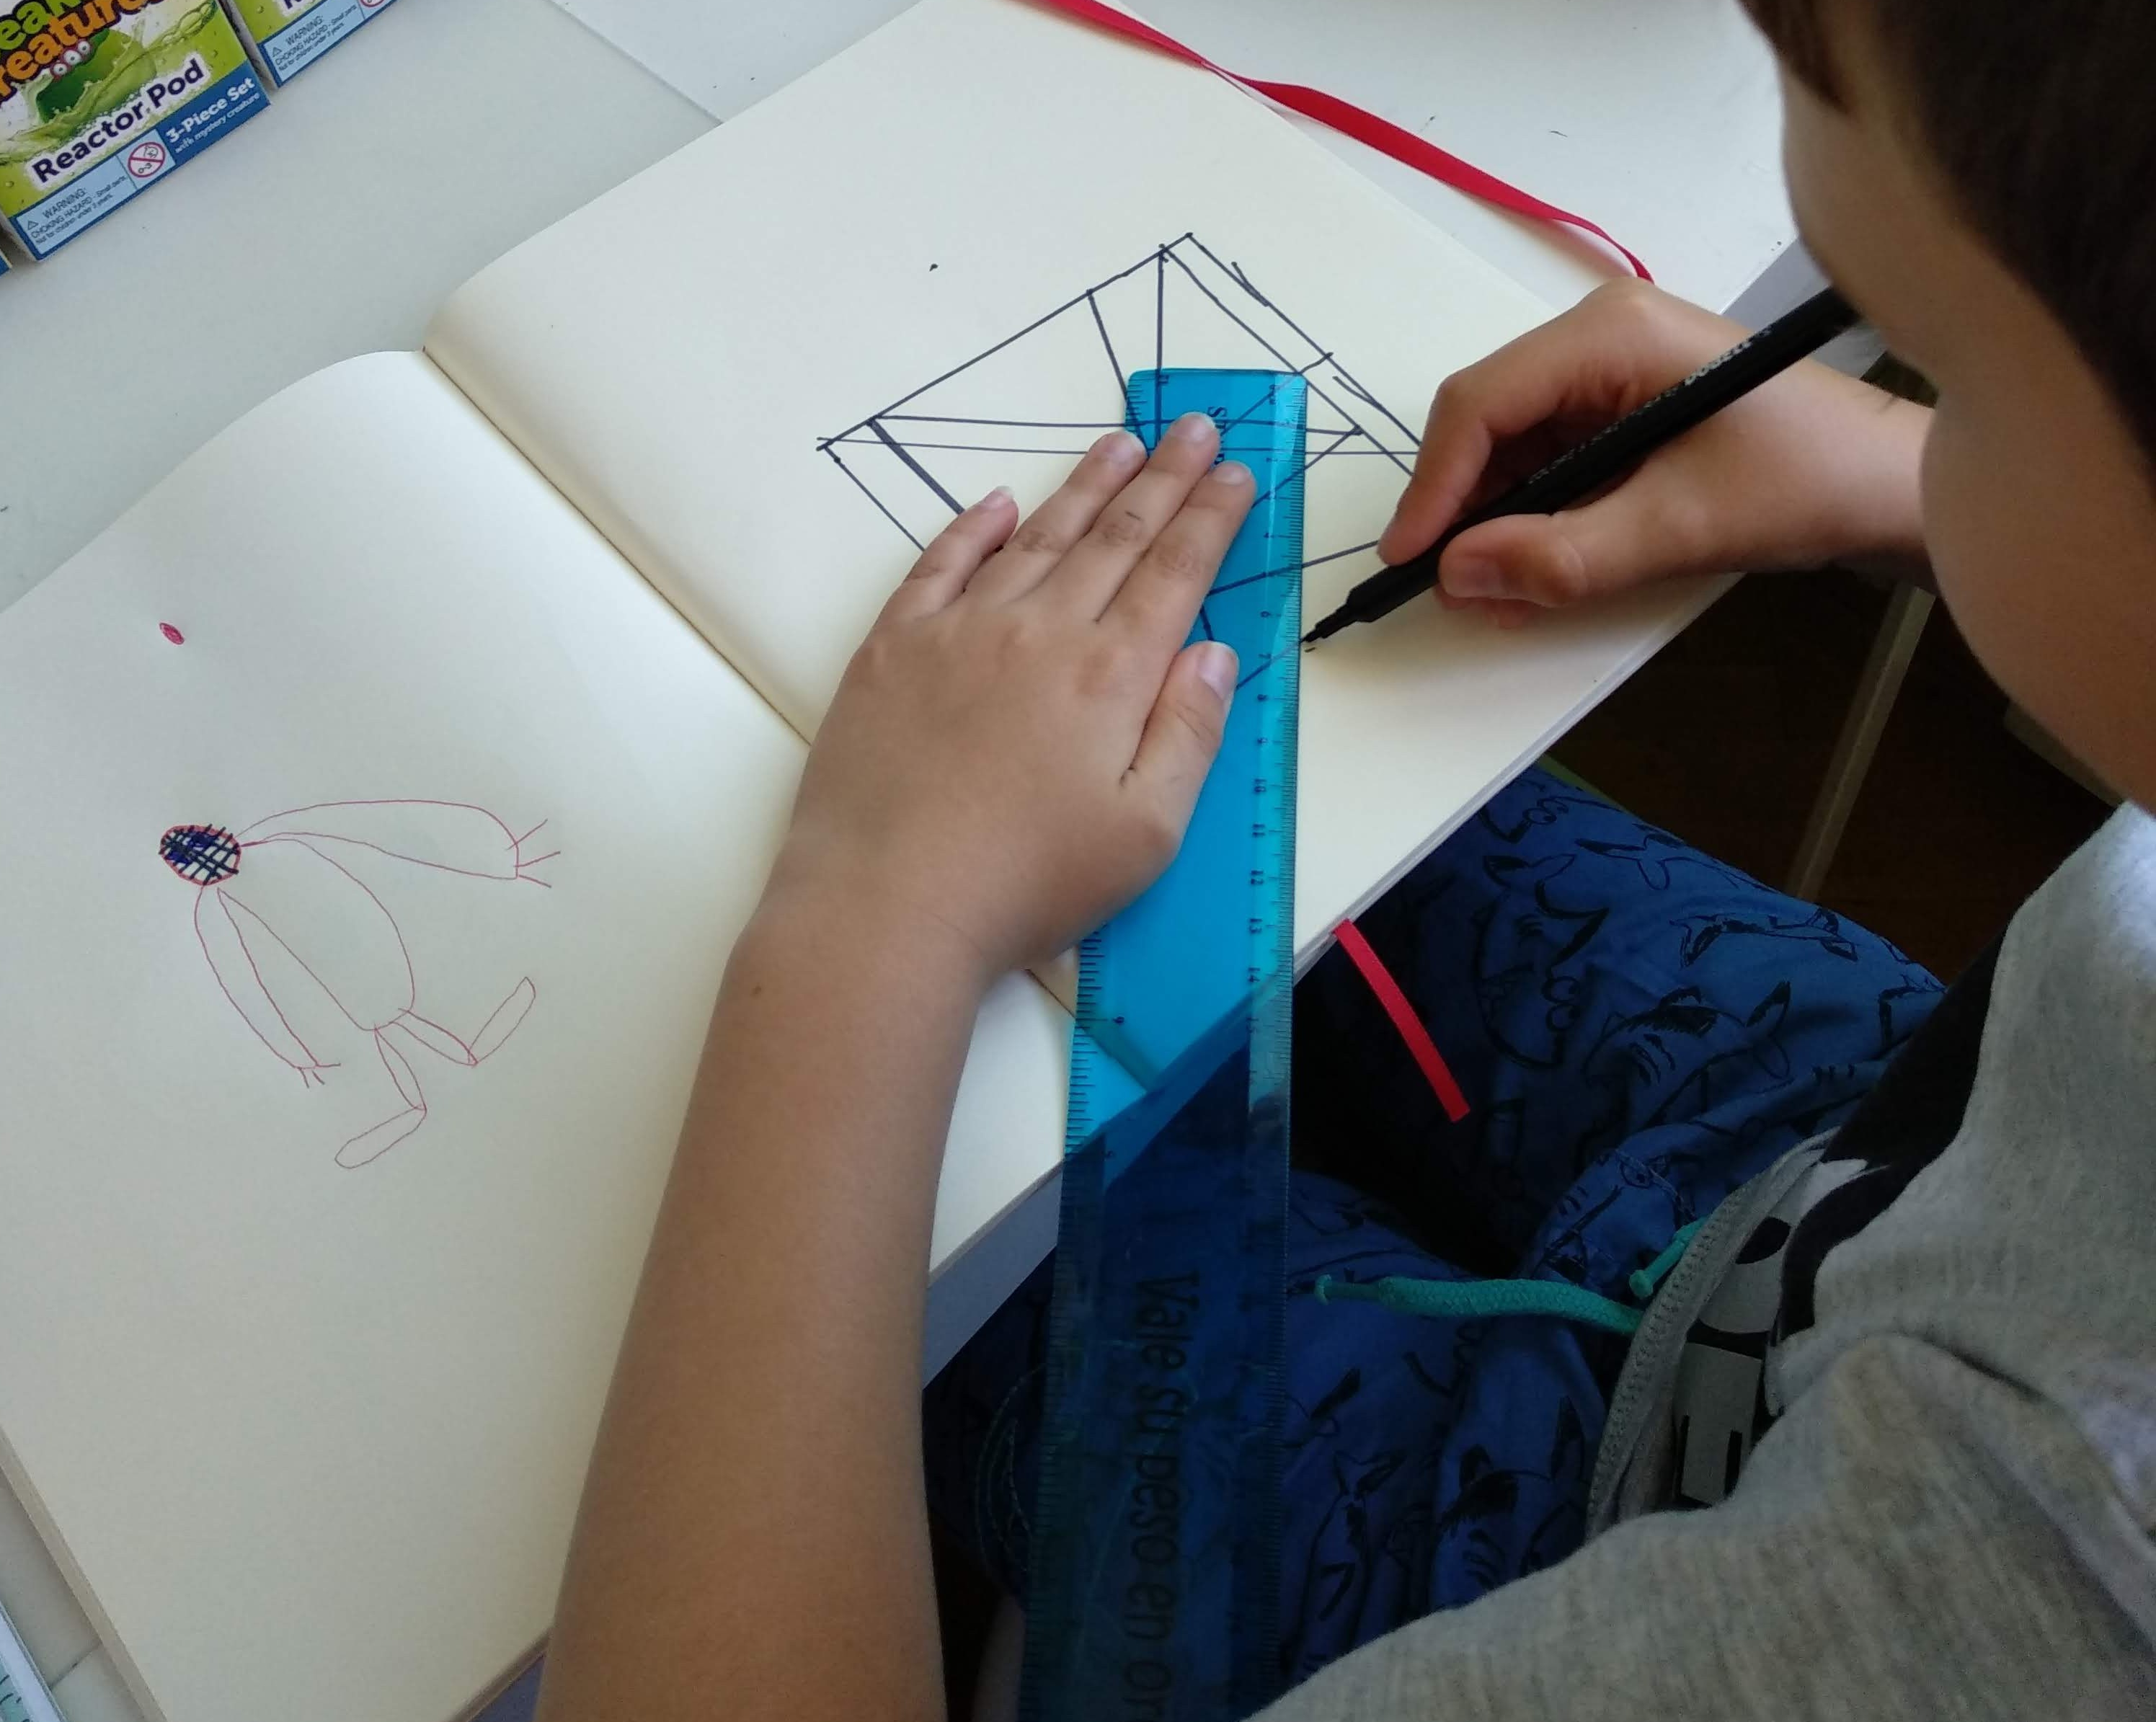 niño usando regla sobre un cuaderno trazando rectas